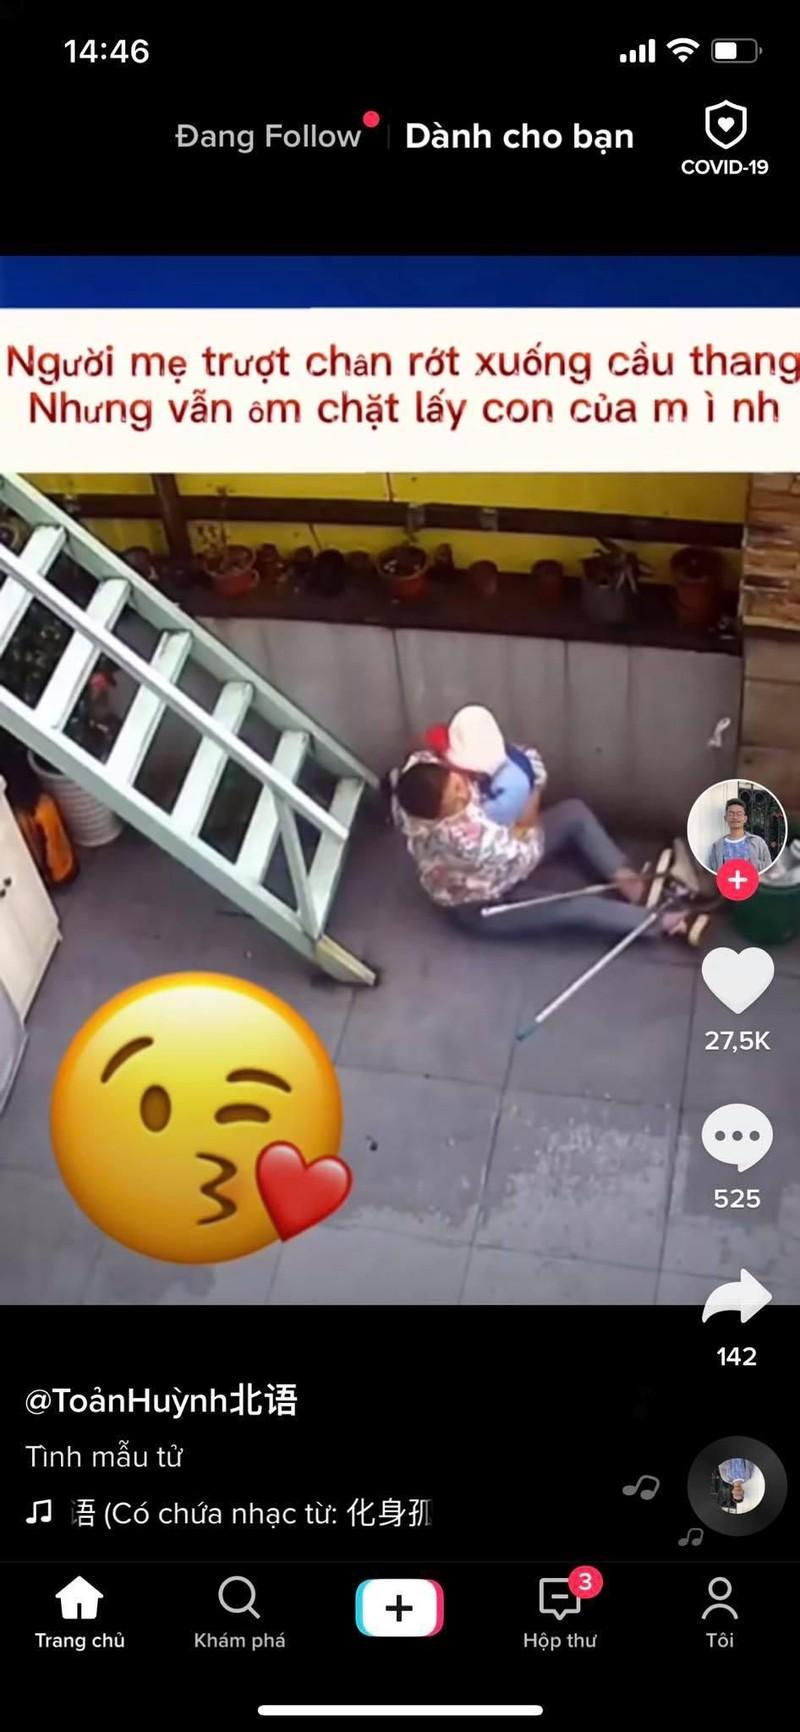 Video: Dang be con thi truot, me hanh dong theo ban nang khien ai cungcam dong-Hinh-2